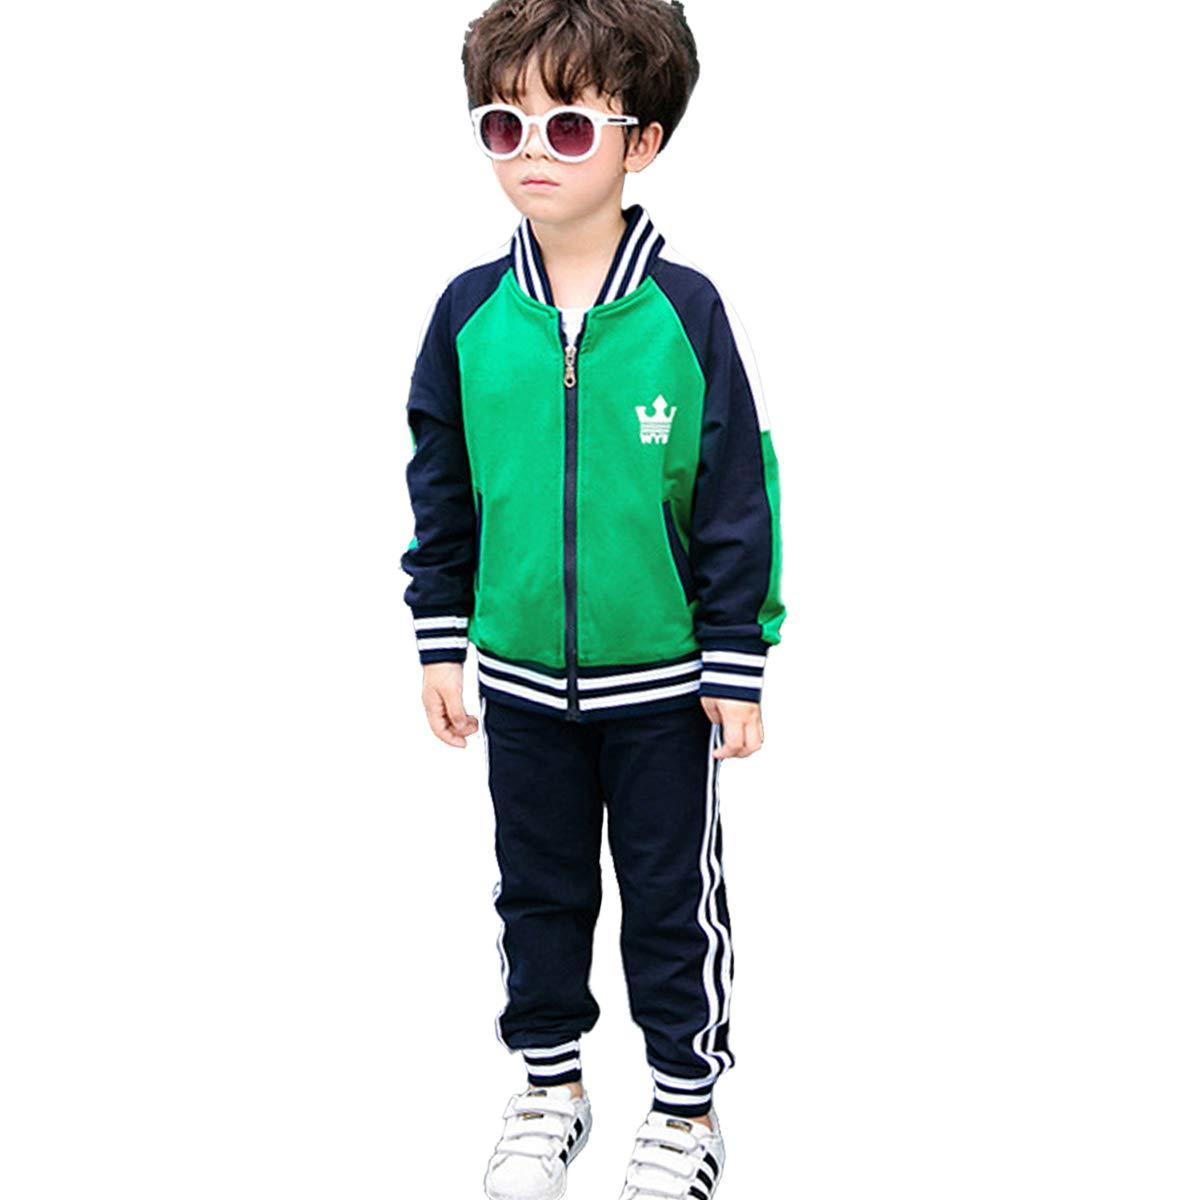 OnlyAngel Boys Tracksuit Striped Green Zipper Jacket & Elastic Waist Pant Age 3-10 (5-6 Years, Green) by OnlyAngel